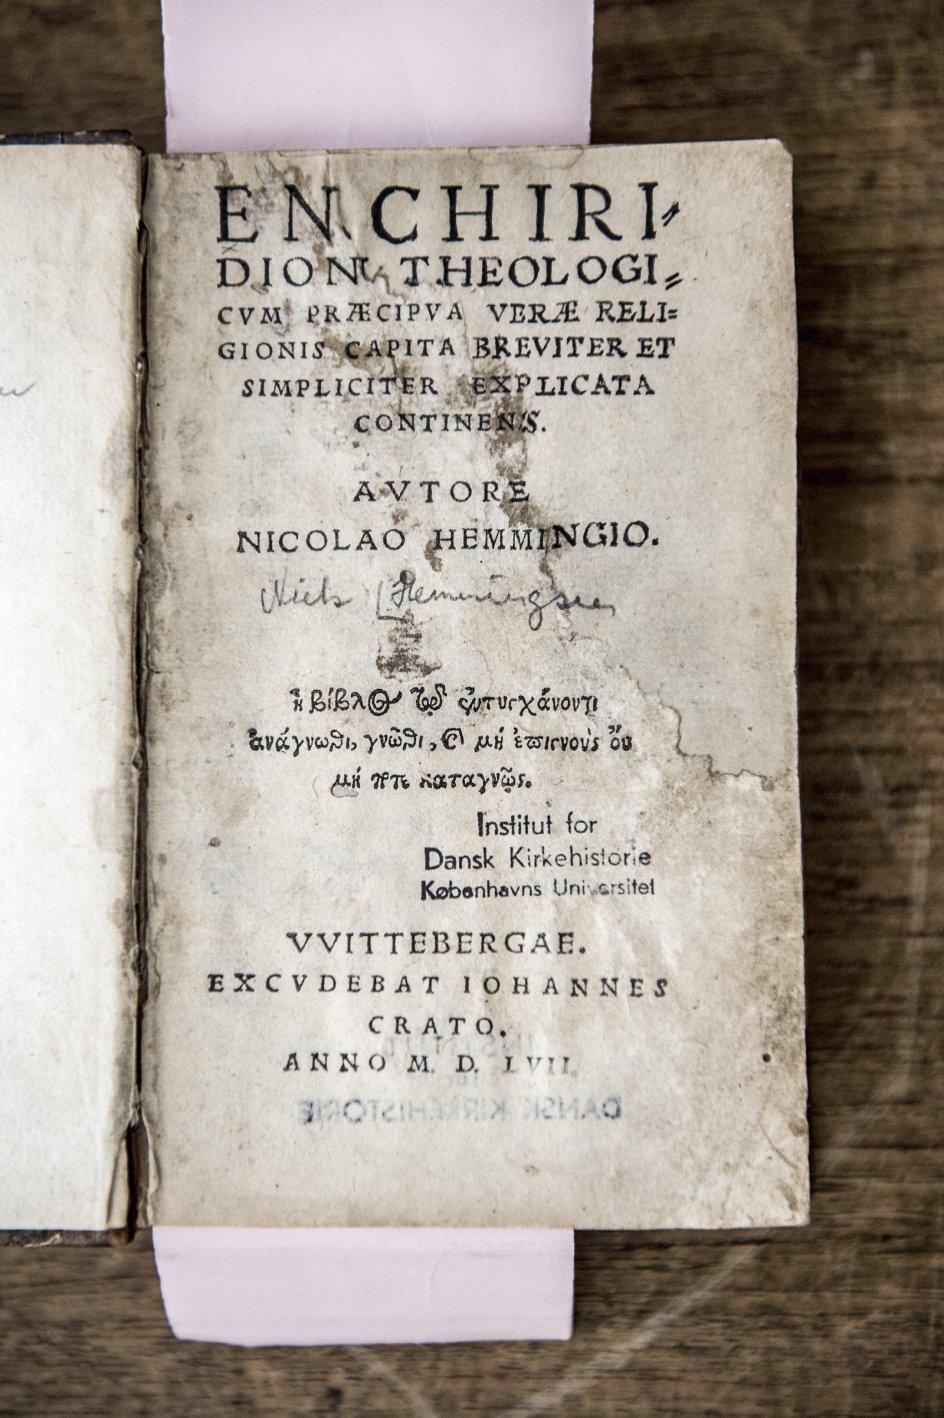 Teologen Niels Hemmingsen levede fra 1513 til 1600 og var flere gange rektor for Københavns Universitet. Her er originale værker af Niels Hemmingsen affotograferet på Teologisk Fakultet i København. – Foto: Cæciliie Philipa Vibe Pedersen.